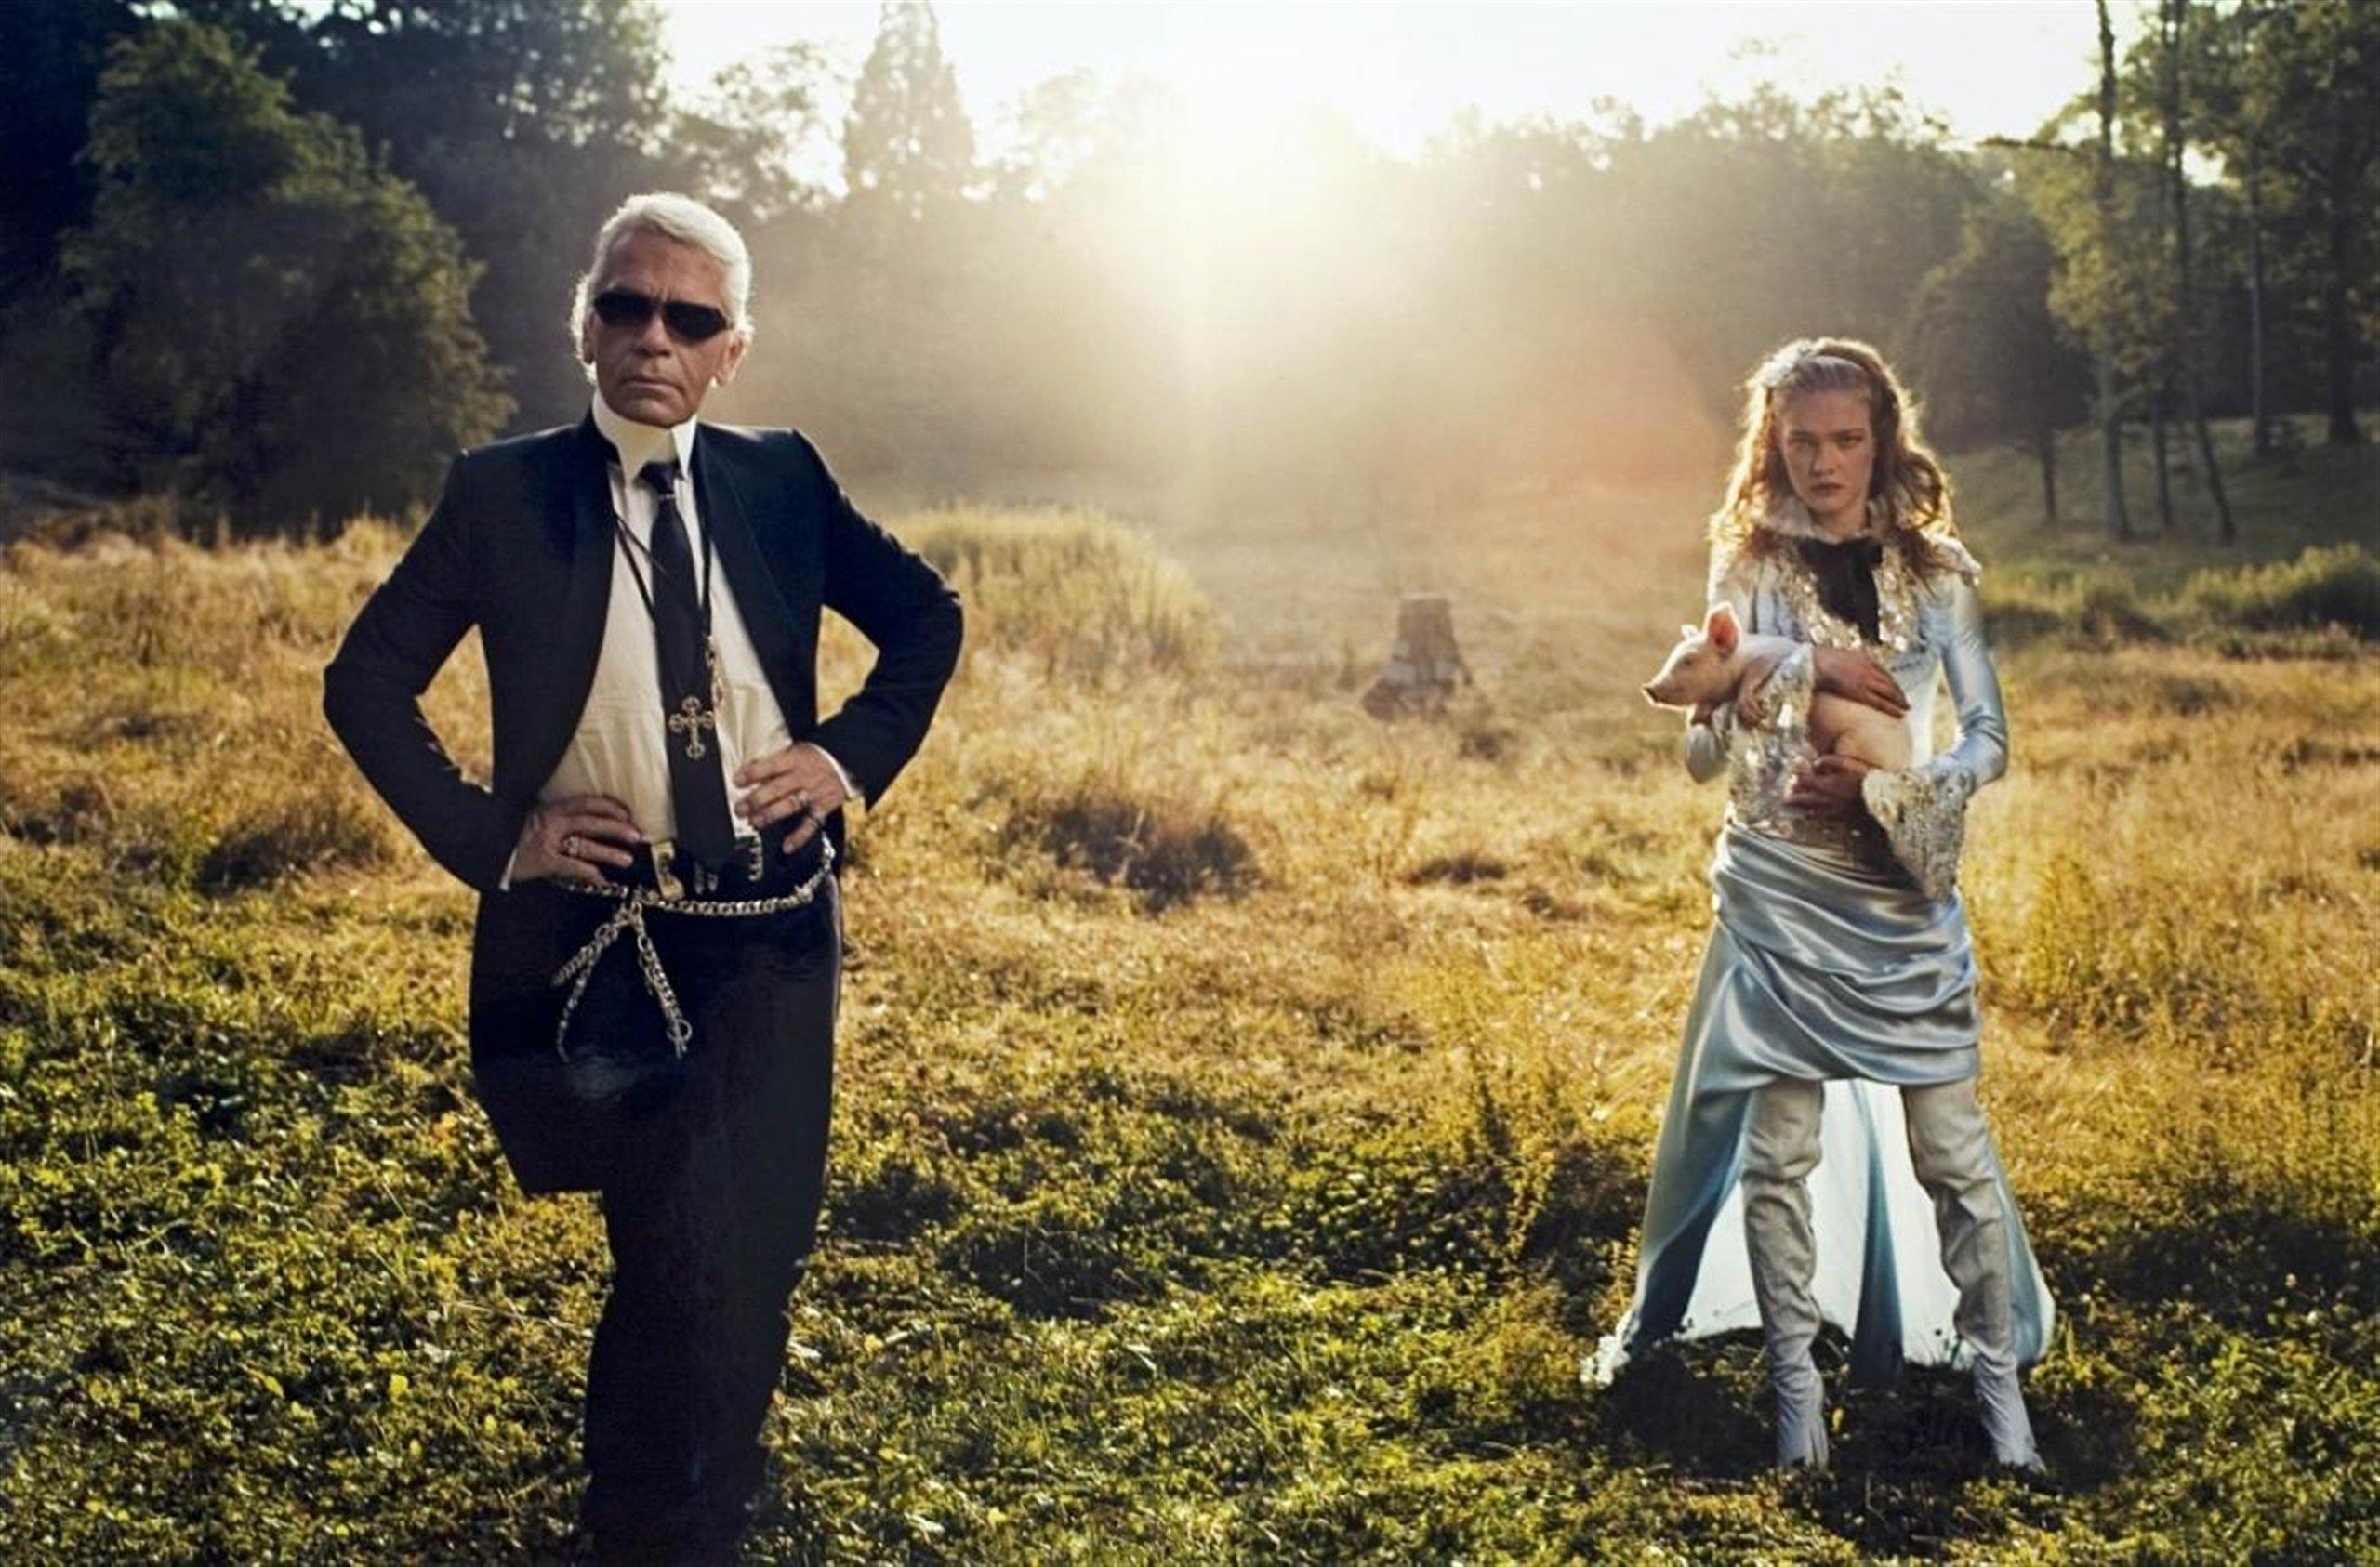 Annie Leibovitz híres fotósorozata a Vogue magazinban jelent meg